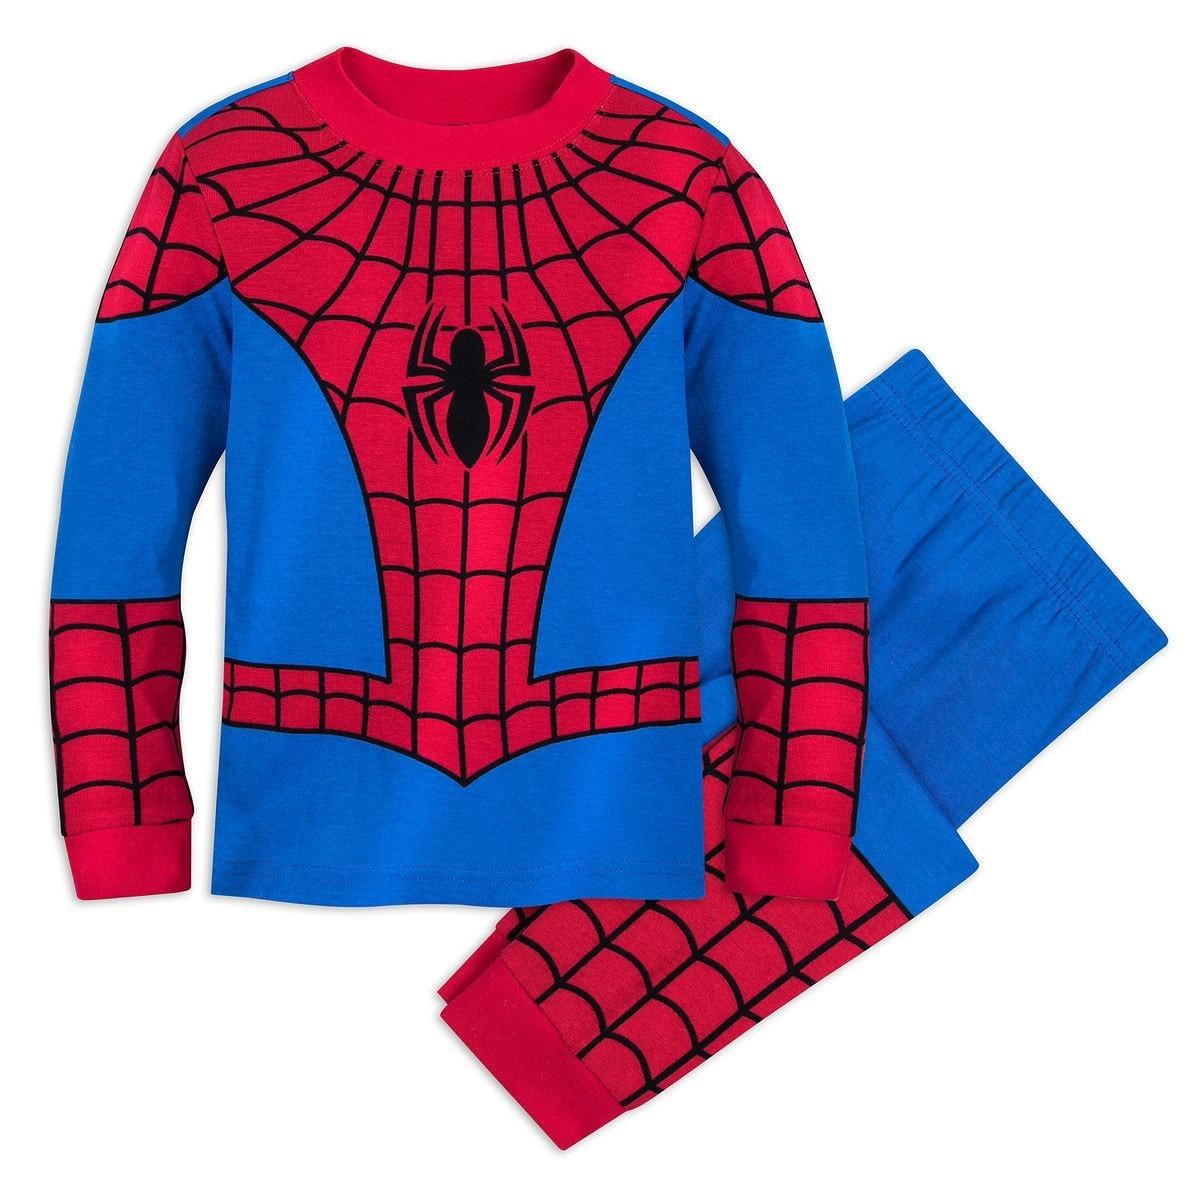 5599148d4f Pijama Spider-man Disney Store Hombre Araña Para Niño Y Bebe ...